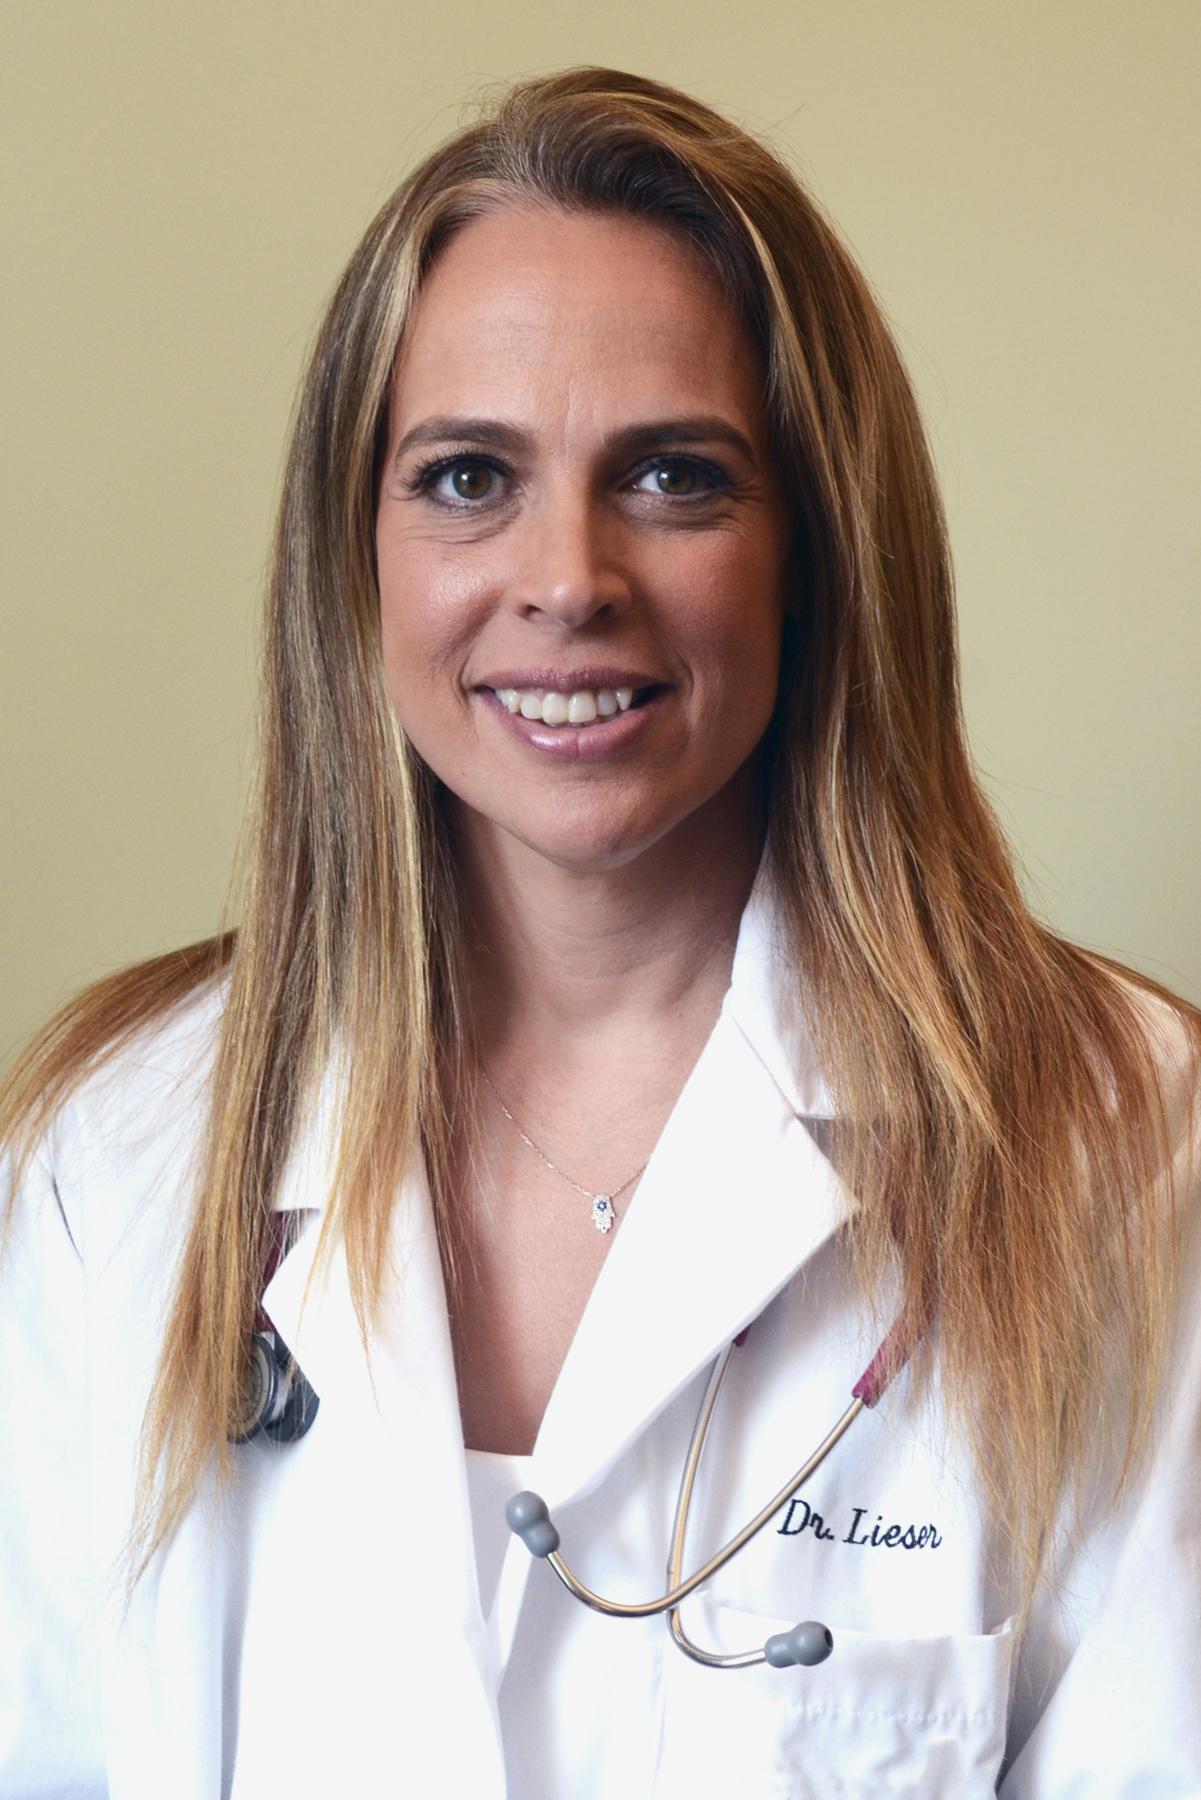 Dina Lieser, MD, FAAP